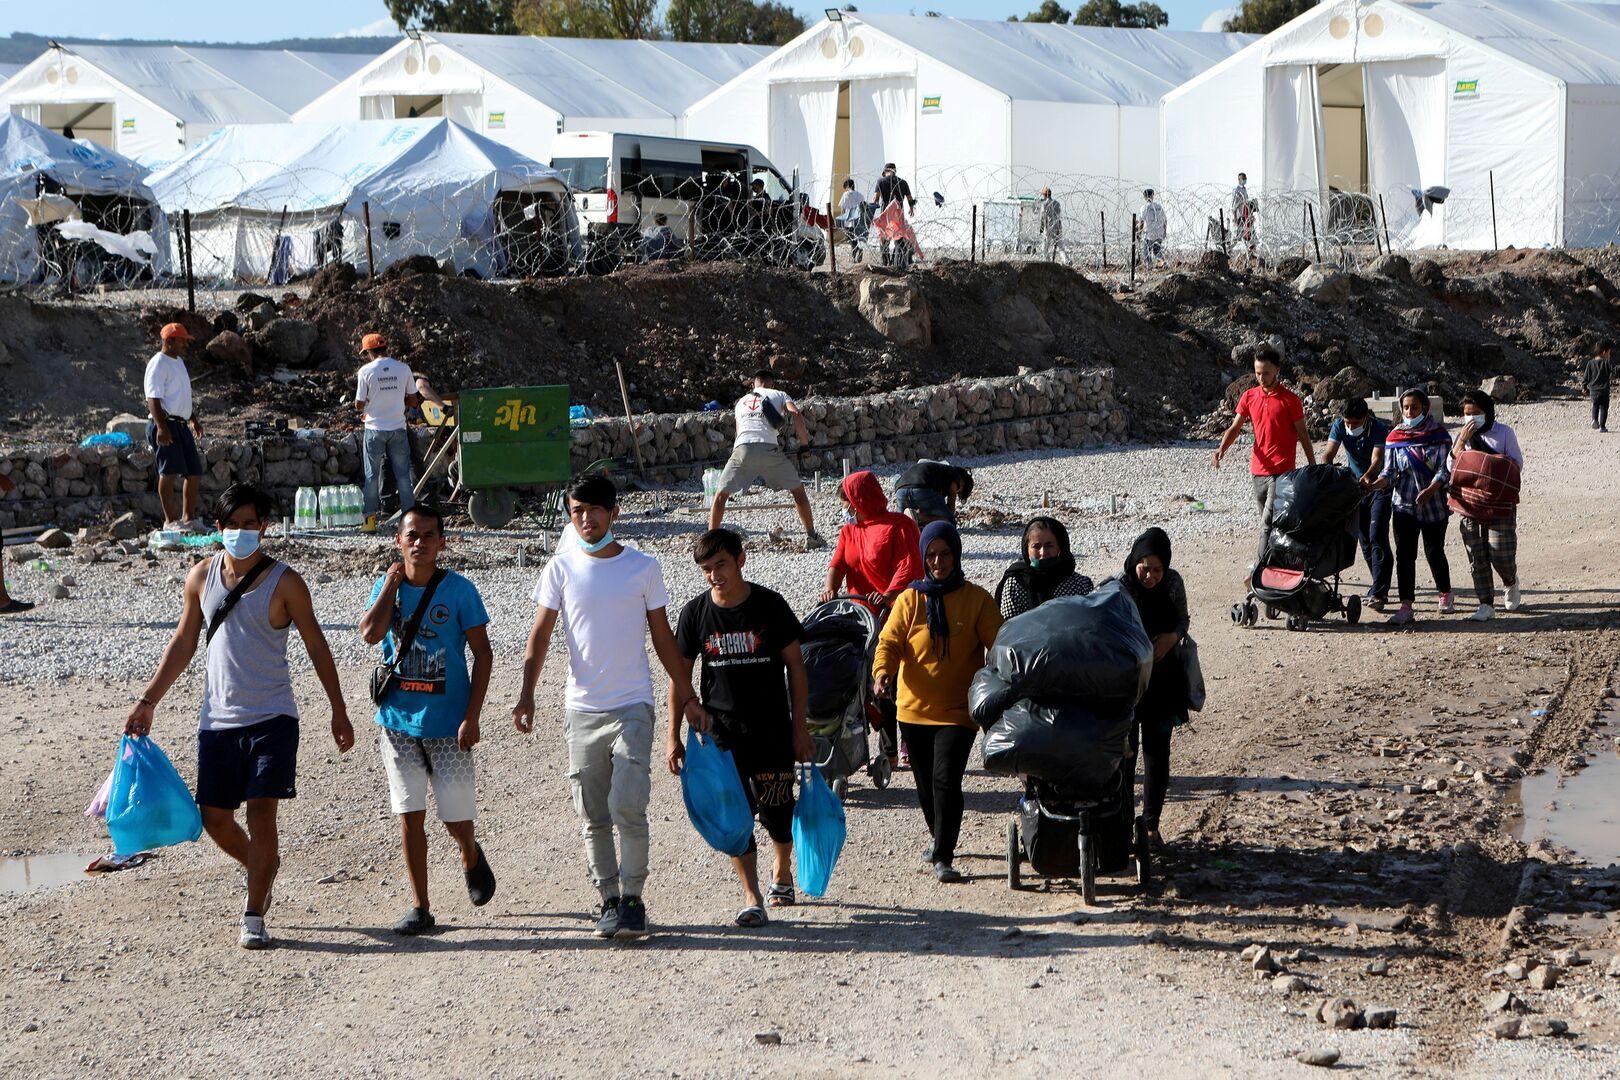 عدد طالبي اللجوء في أوروبا ينخفض إلى أدنى مستوياته منذ 12 عاما